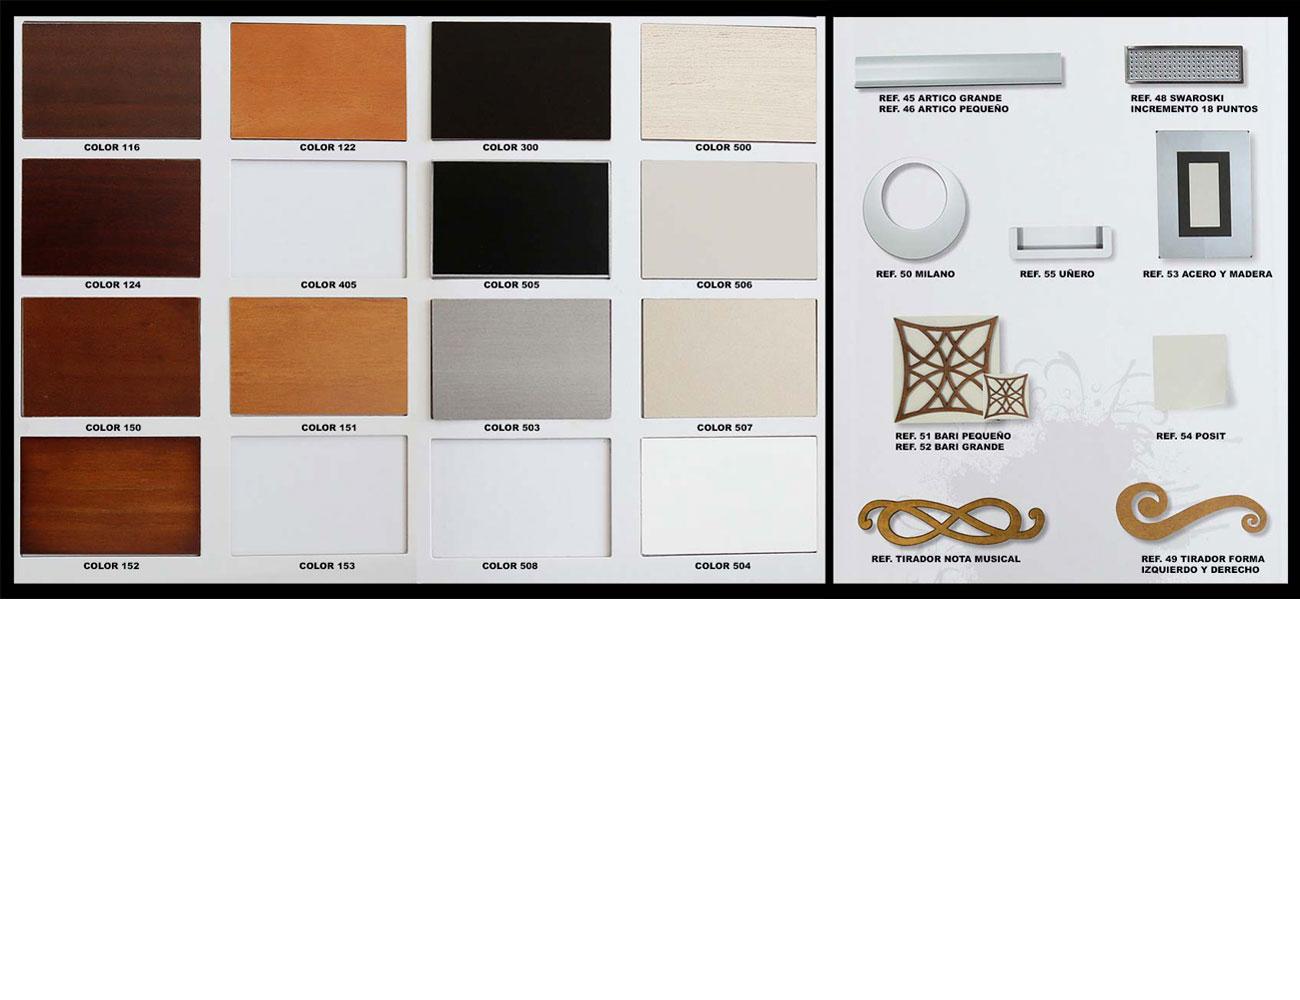 Colores tiradores16